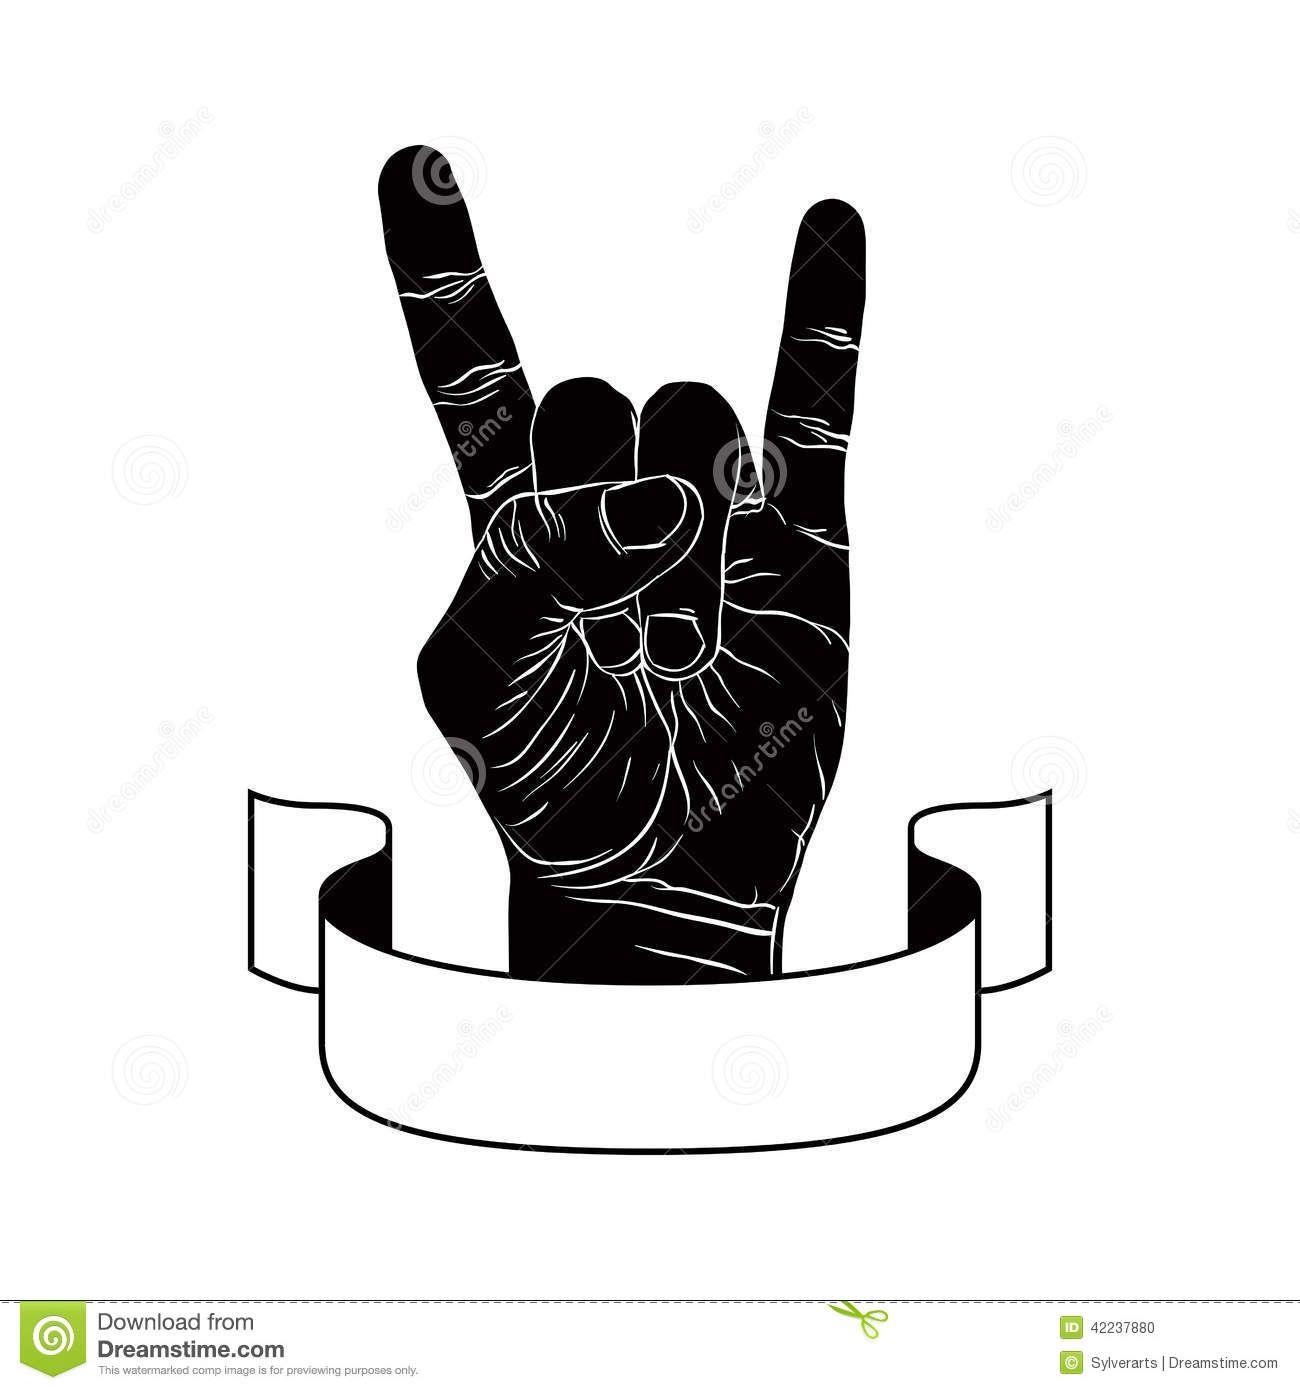 Rock On Hand Sign, Rock N Roll, Hard Rock, Heavy Metal.